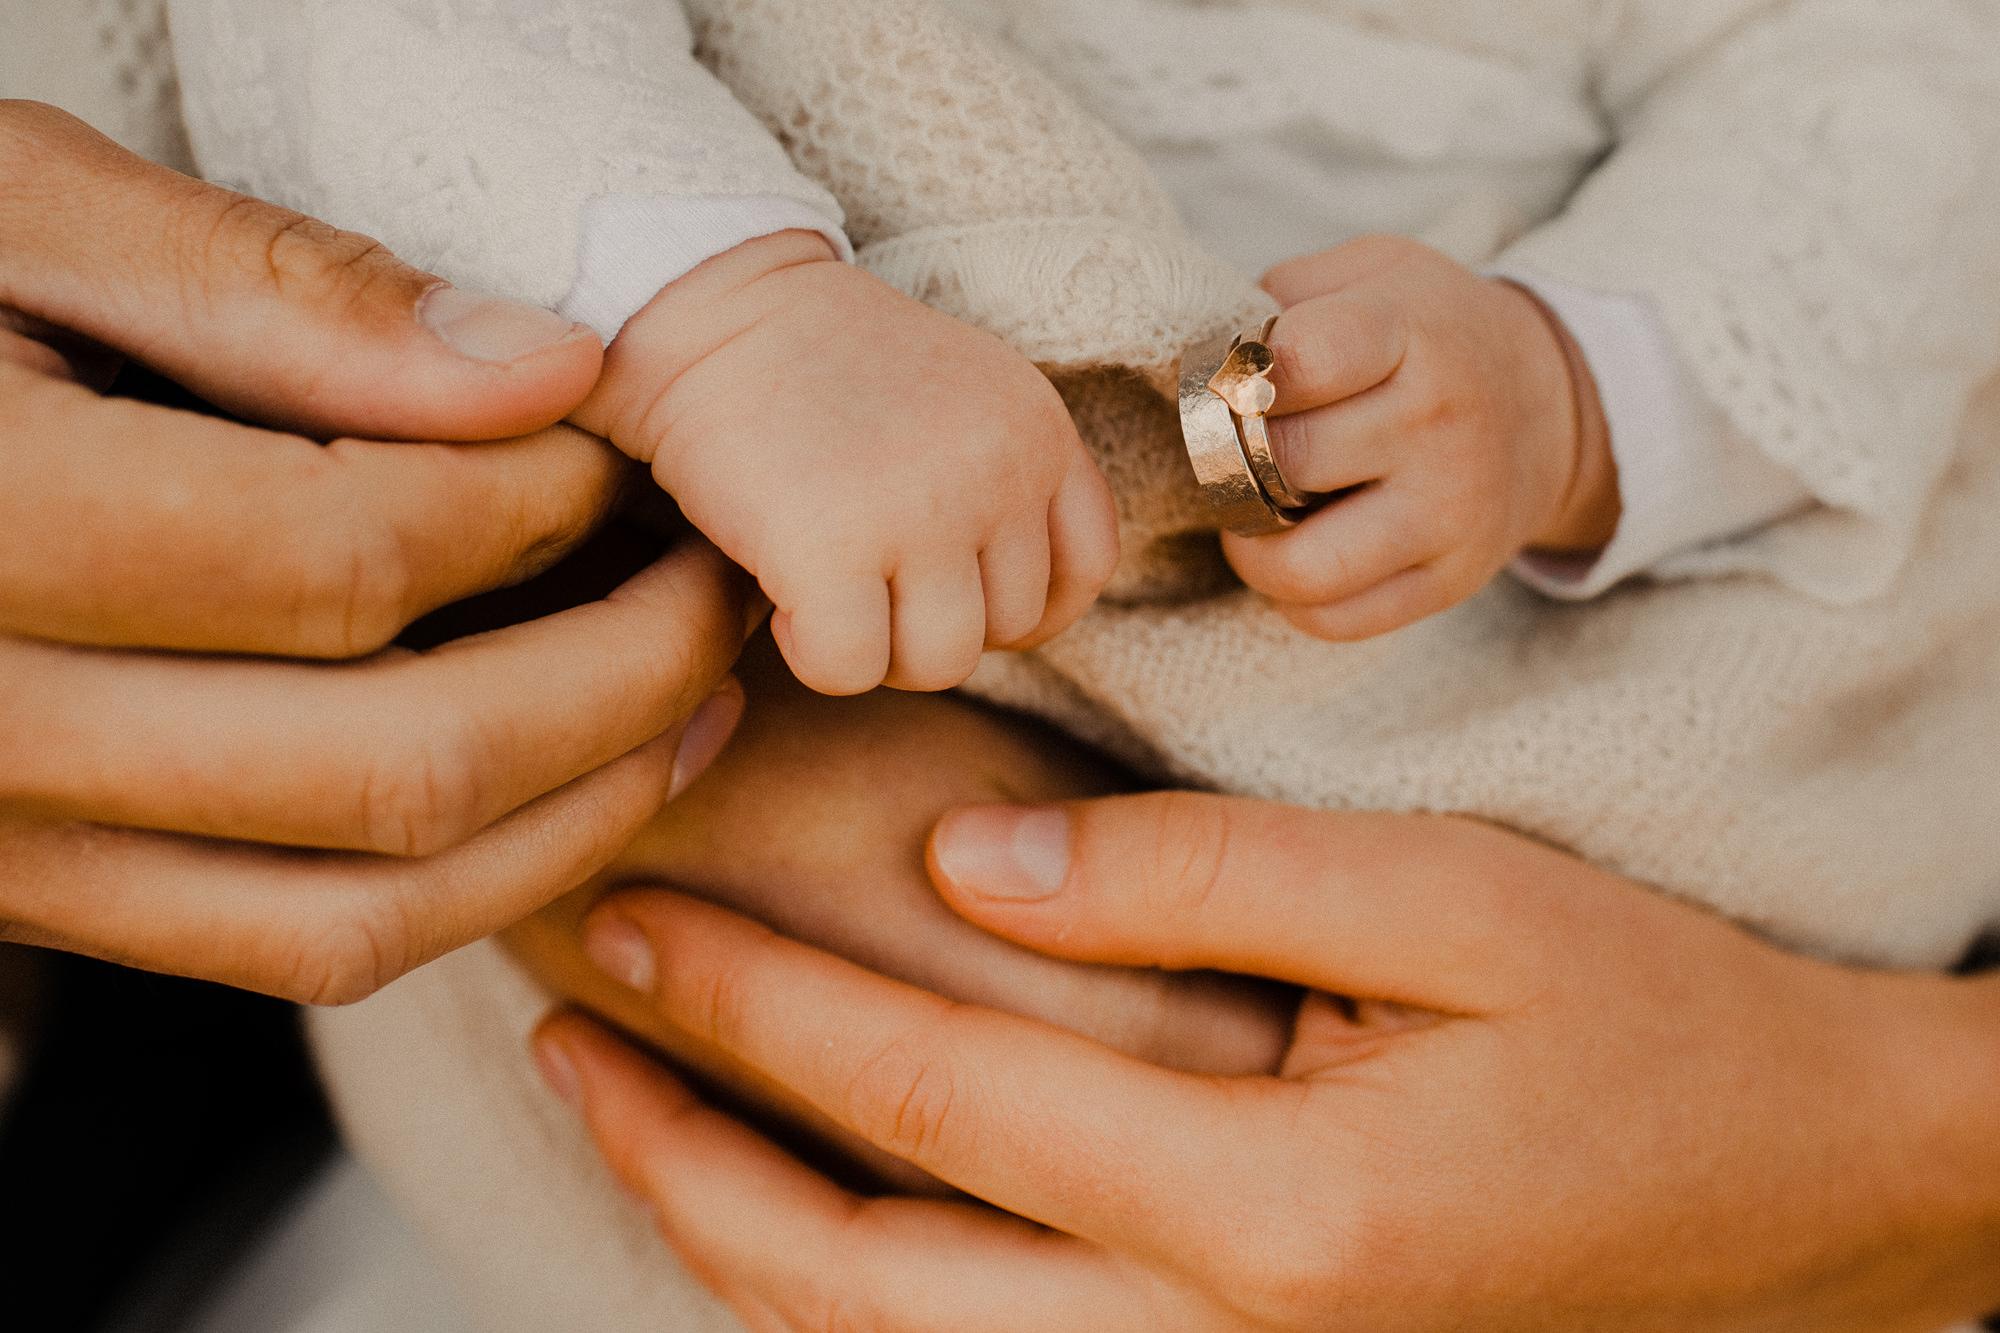 Ringfoto - Hochzeit - Rügen - Ostsee - Hochzeitsfotograf - Elopement - Hände - Ringe - Babyhände